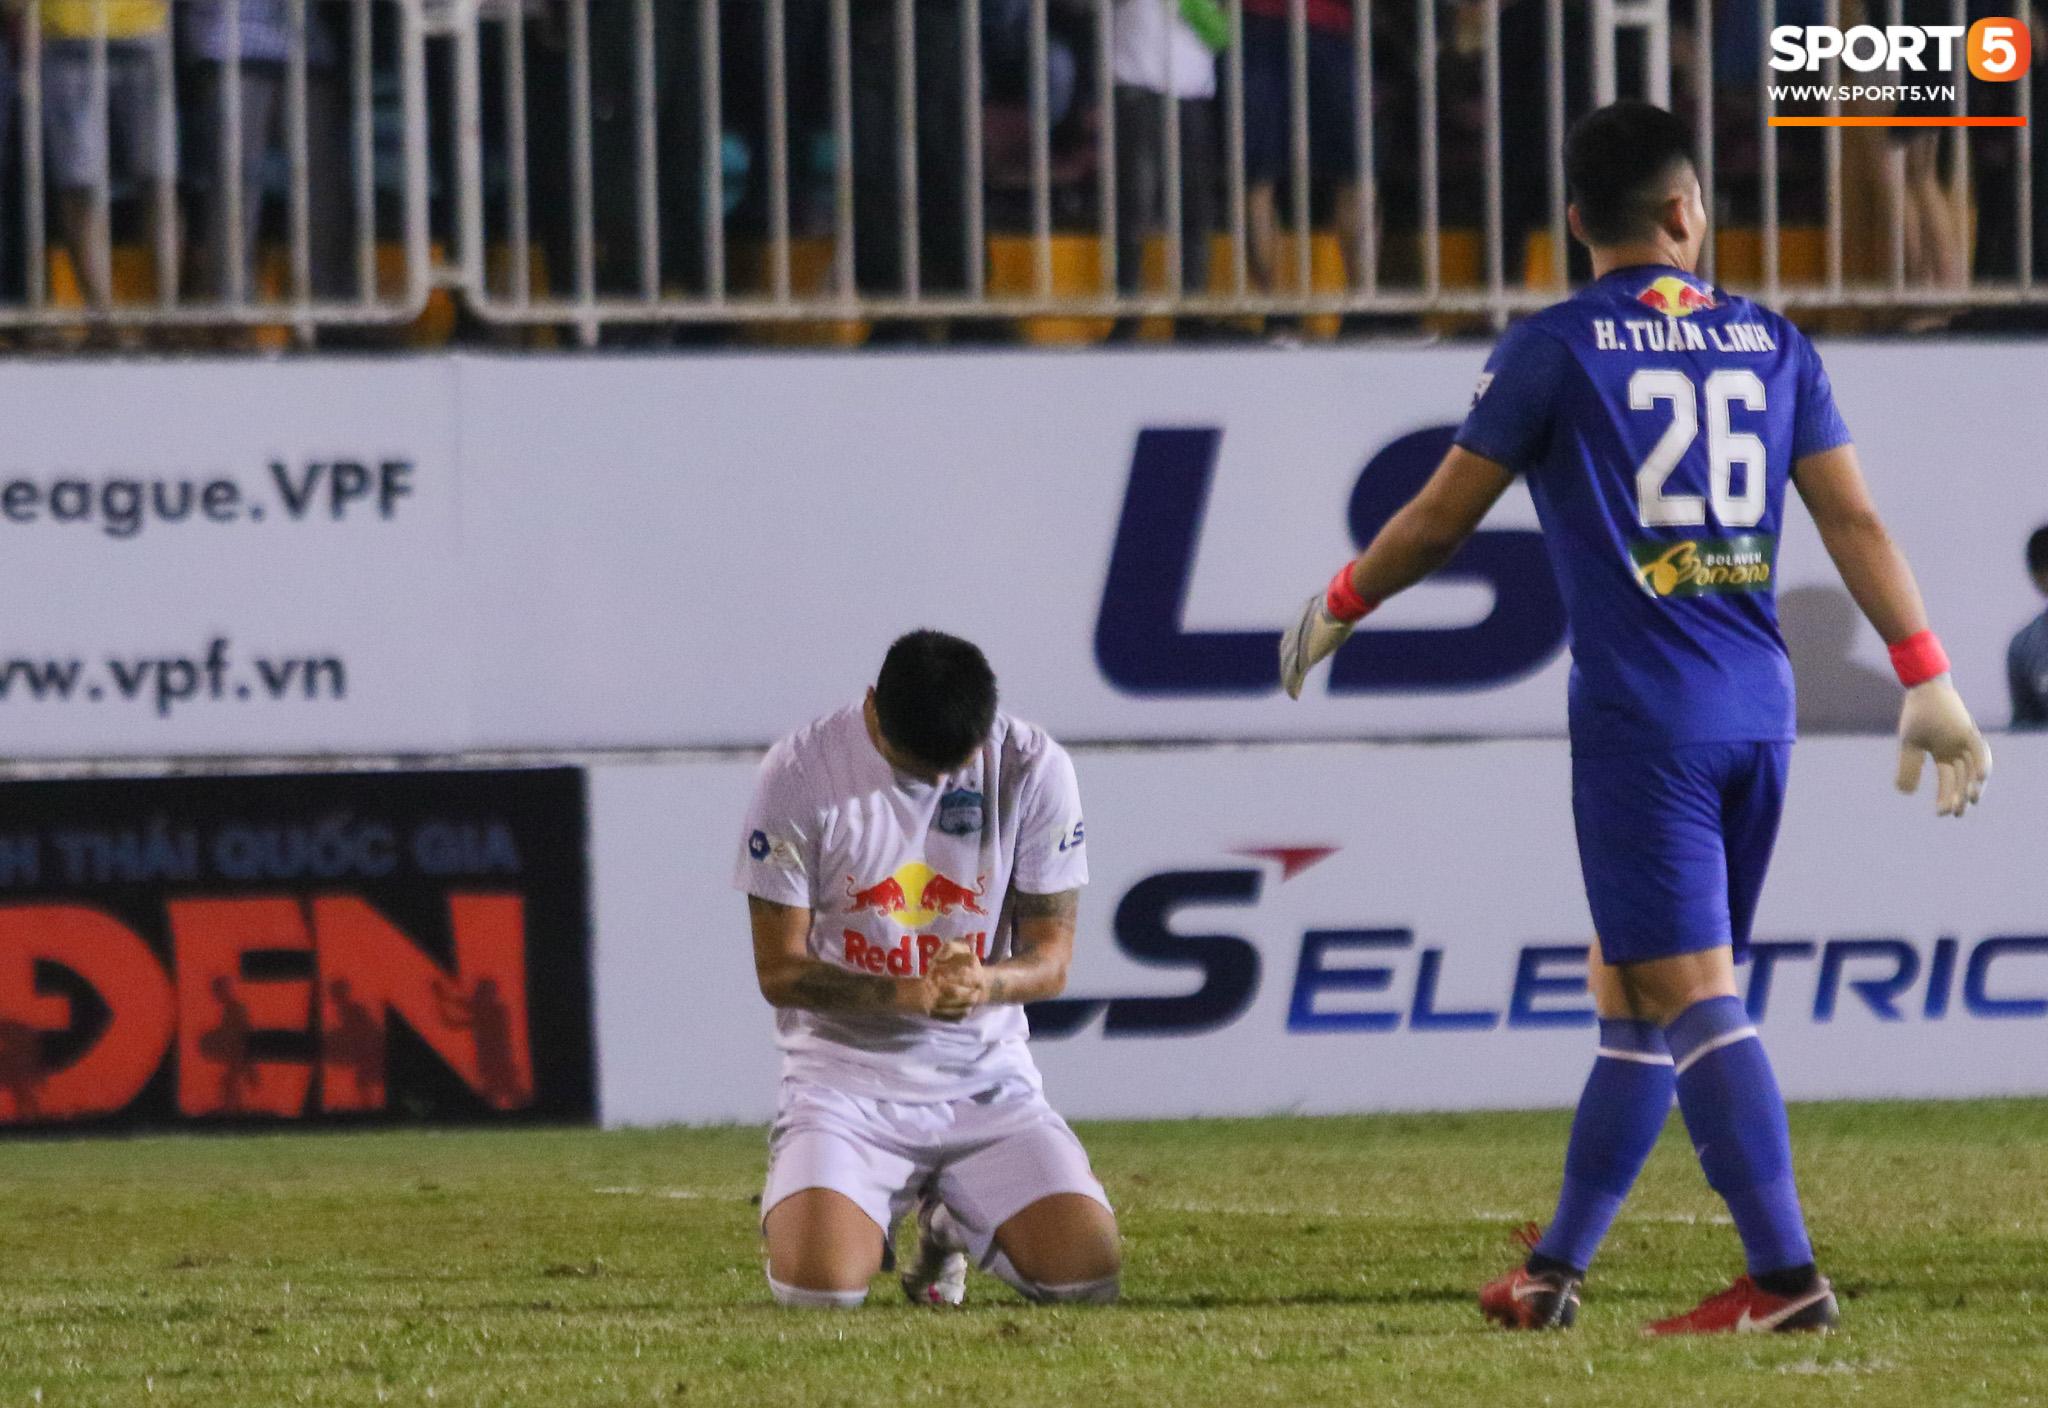 Nguyễn Tuấn Anh ăn mừng cực dị cùng Hữu Tuấn sau trận thắng Hà Nội FC - ảnh 10